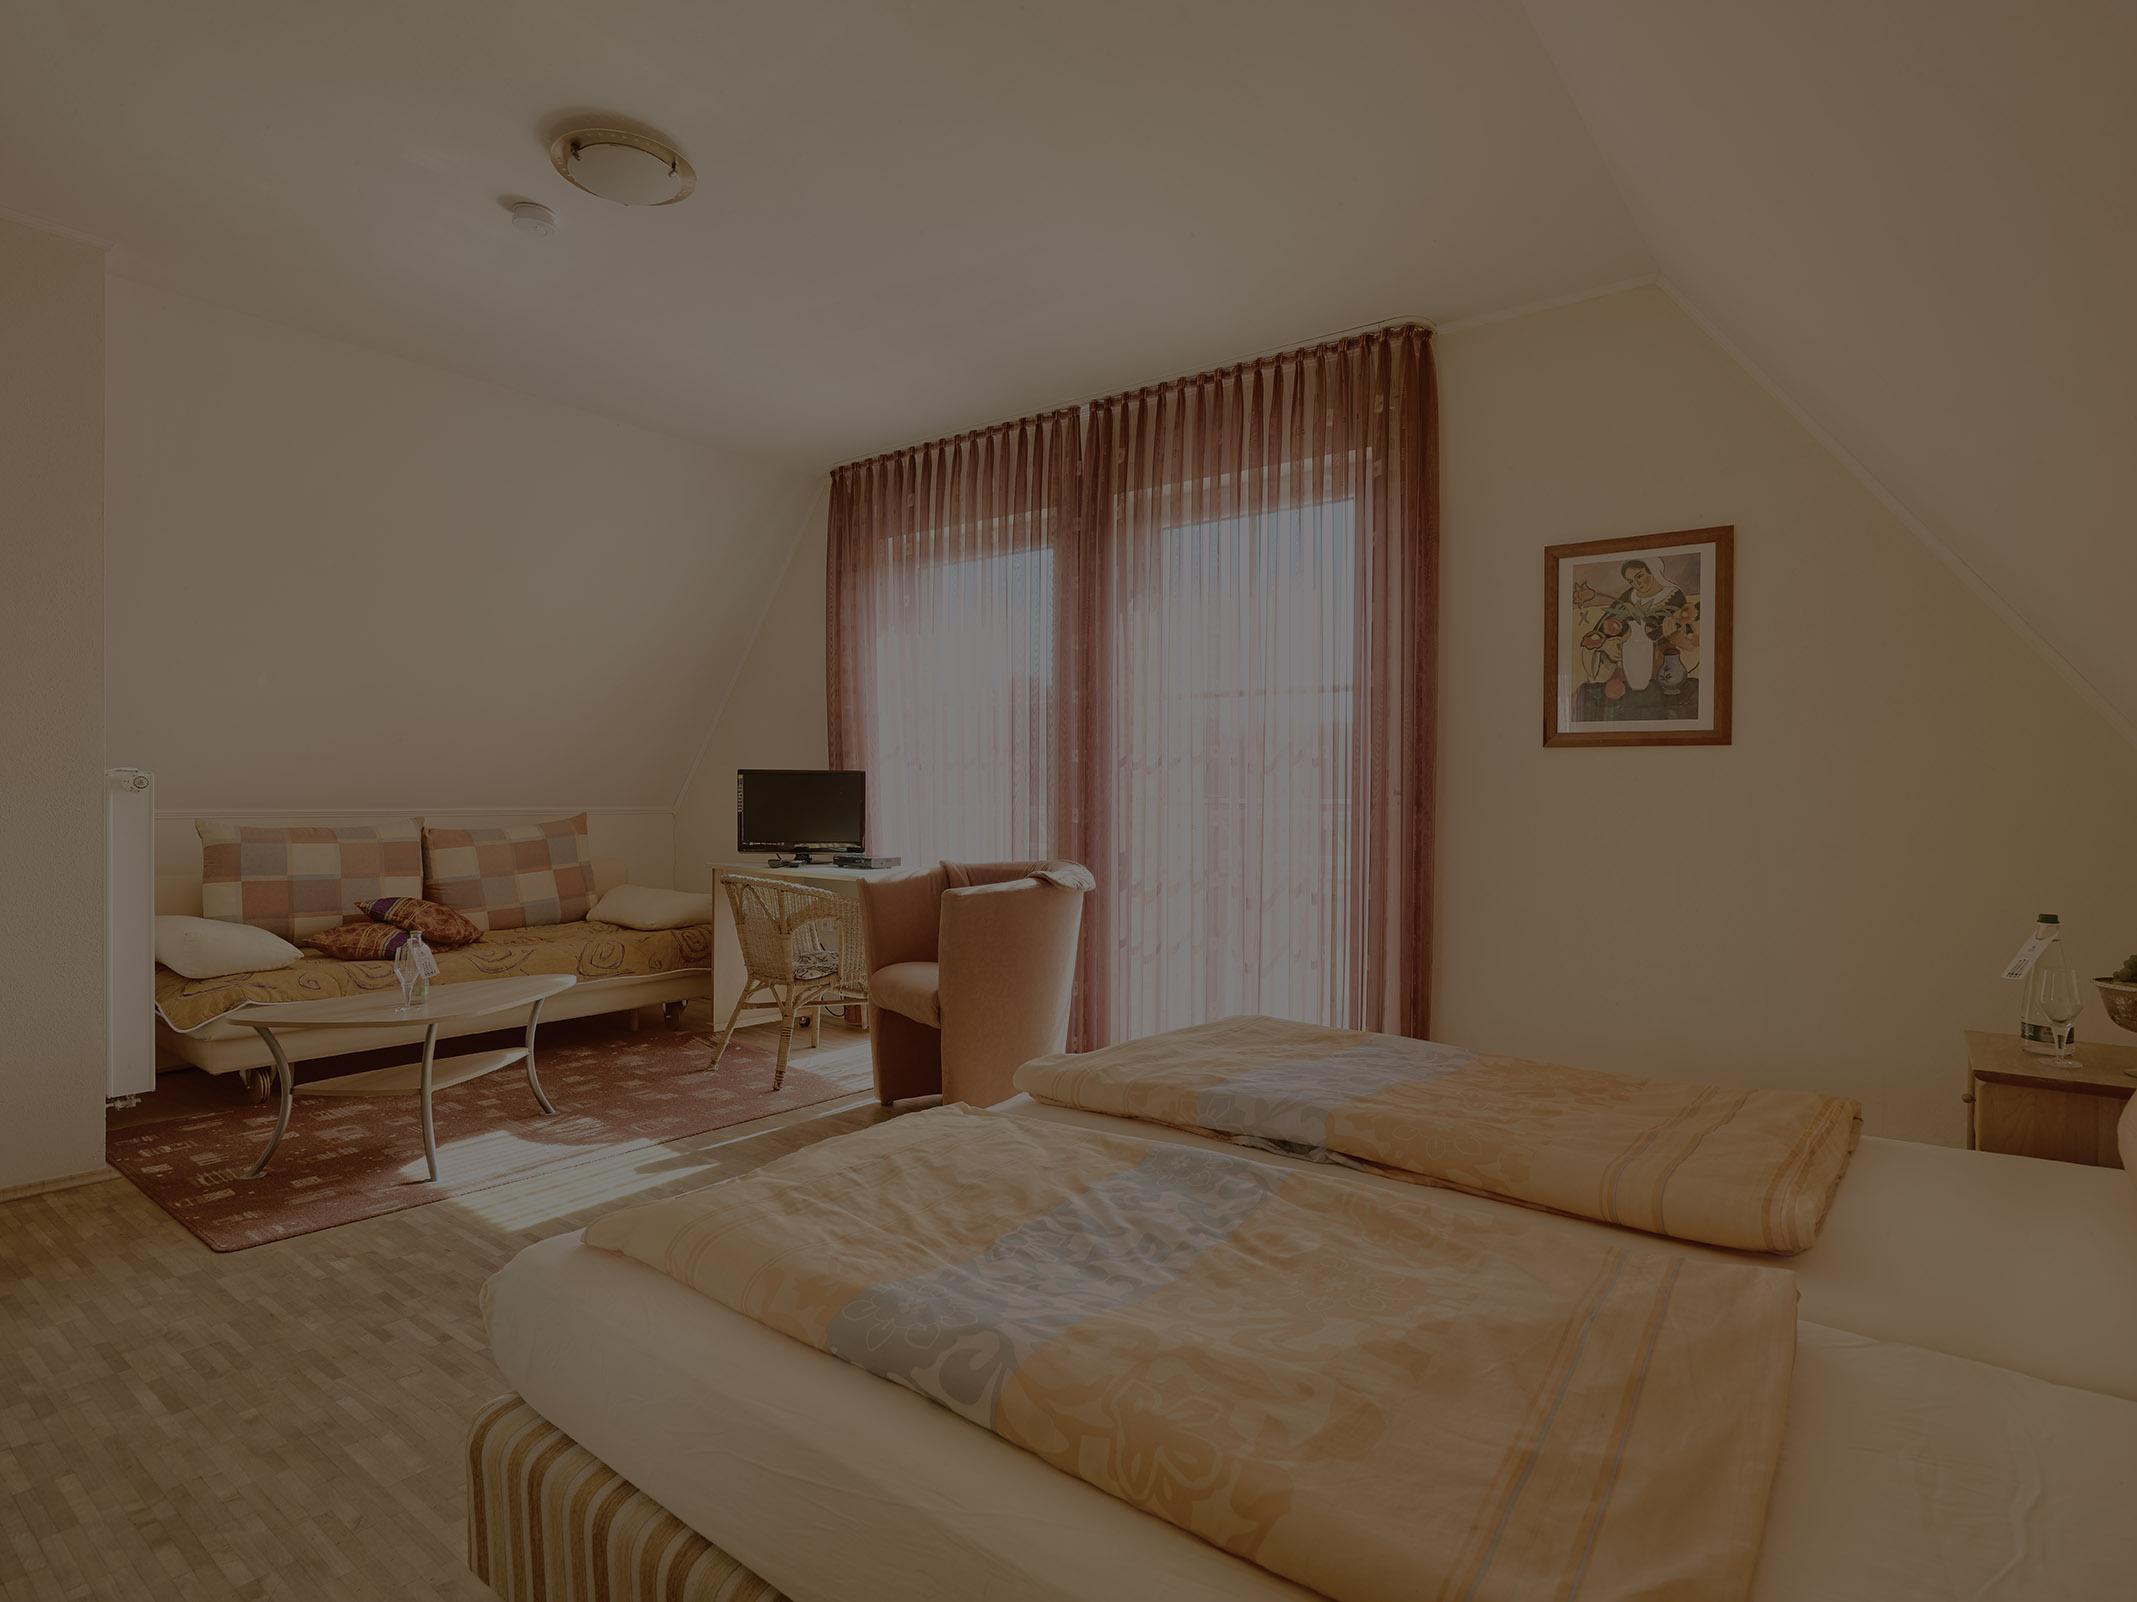 Hintergrundbild für Gästehaus Osing